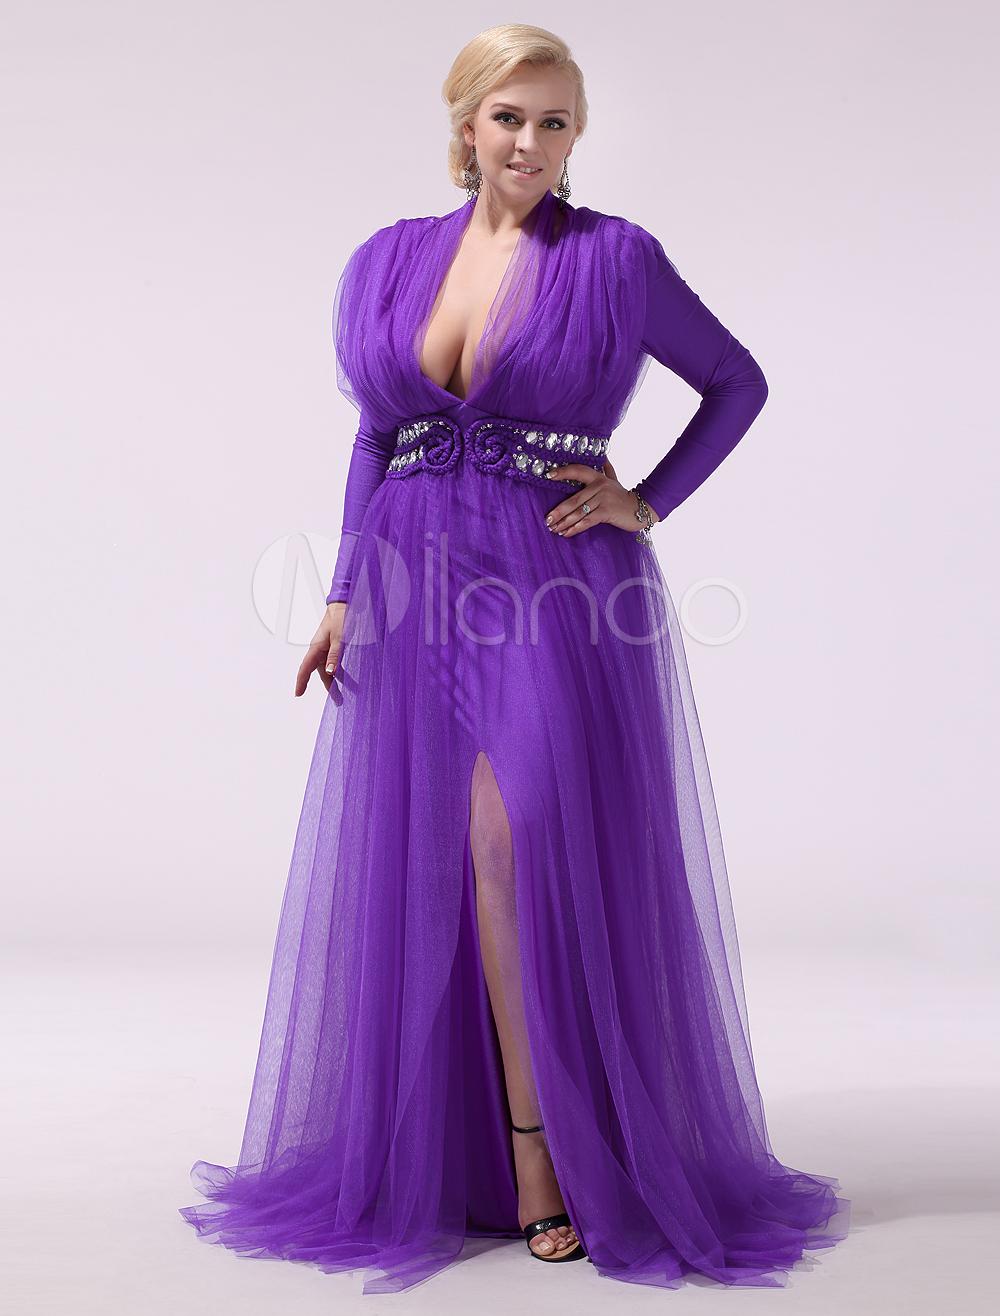 410e2e3d0b Moda Estilo Y Distinción Para Gorditas  Elegantes Vestidos de Fiesta ...